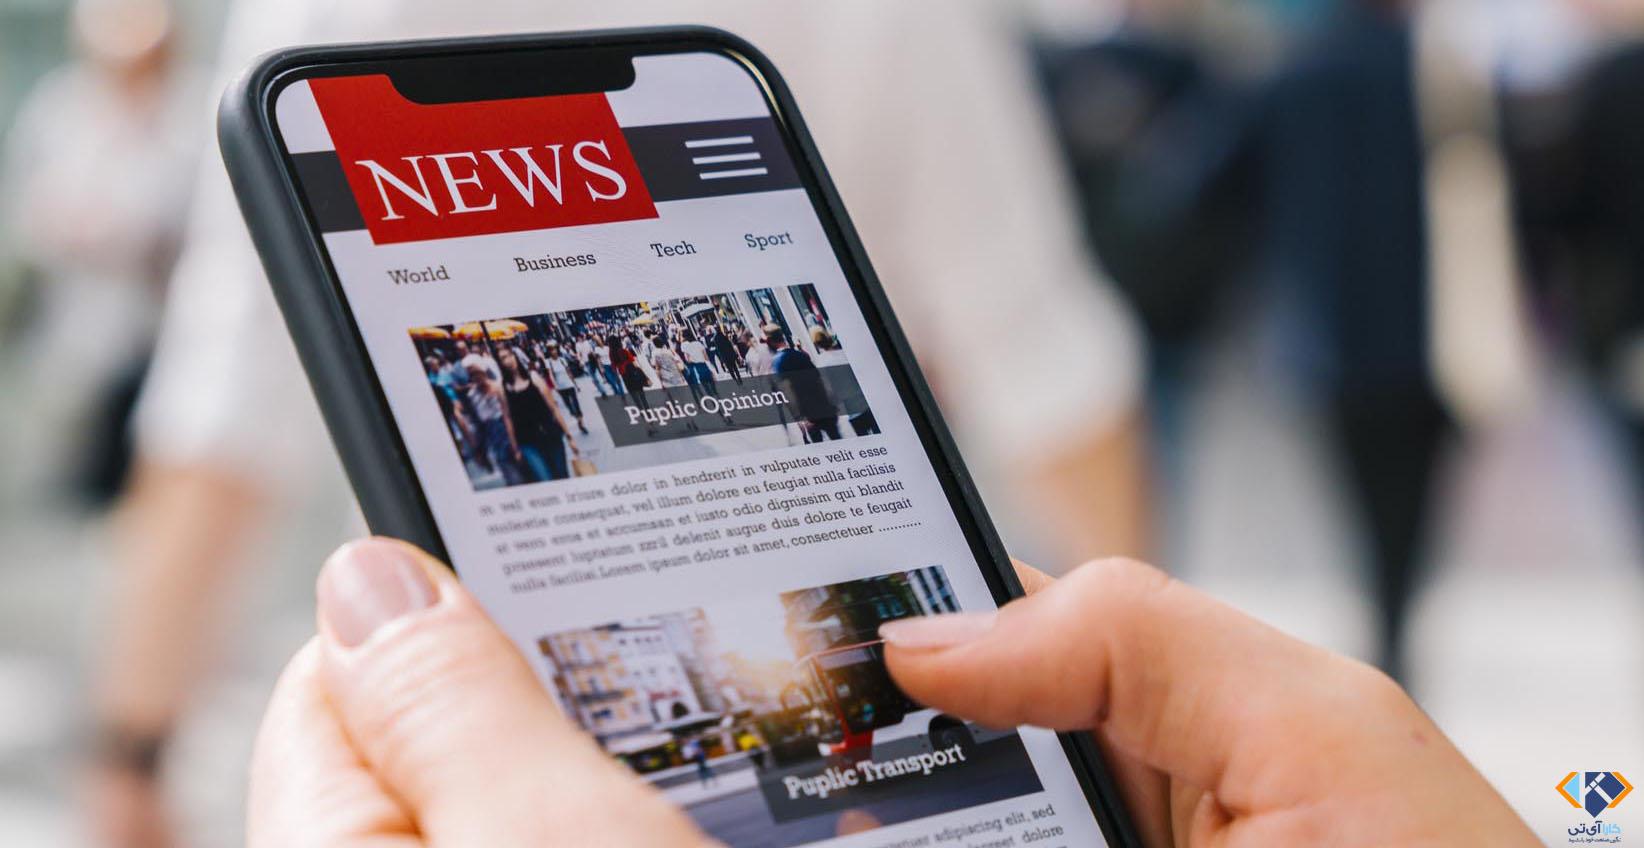 طراحی اپلیکیشن خبری